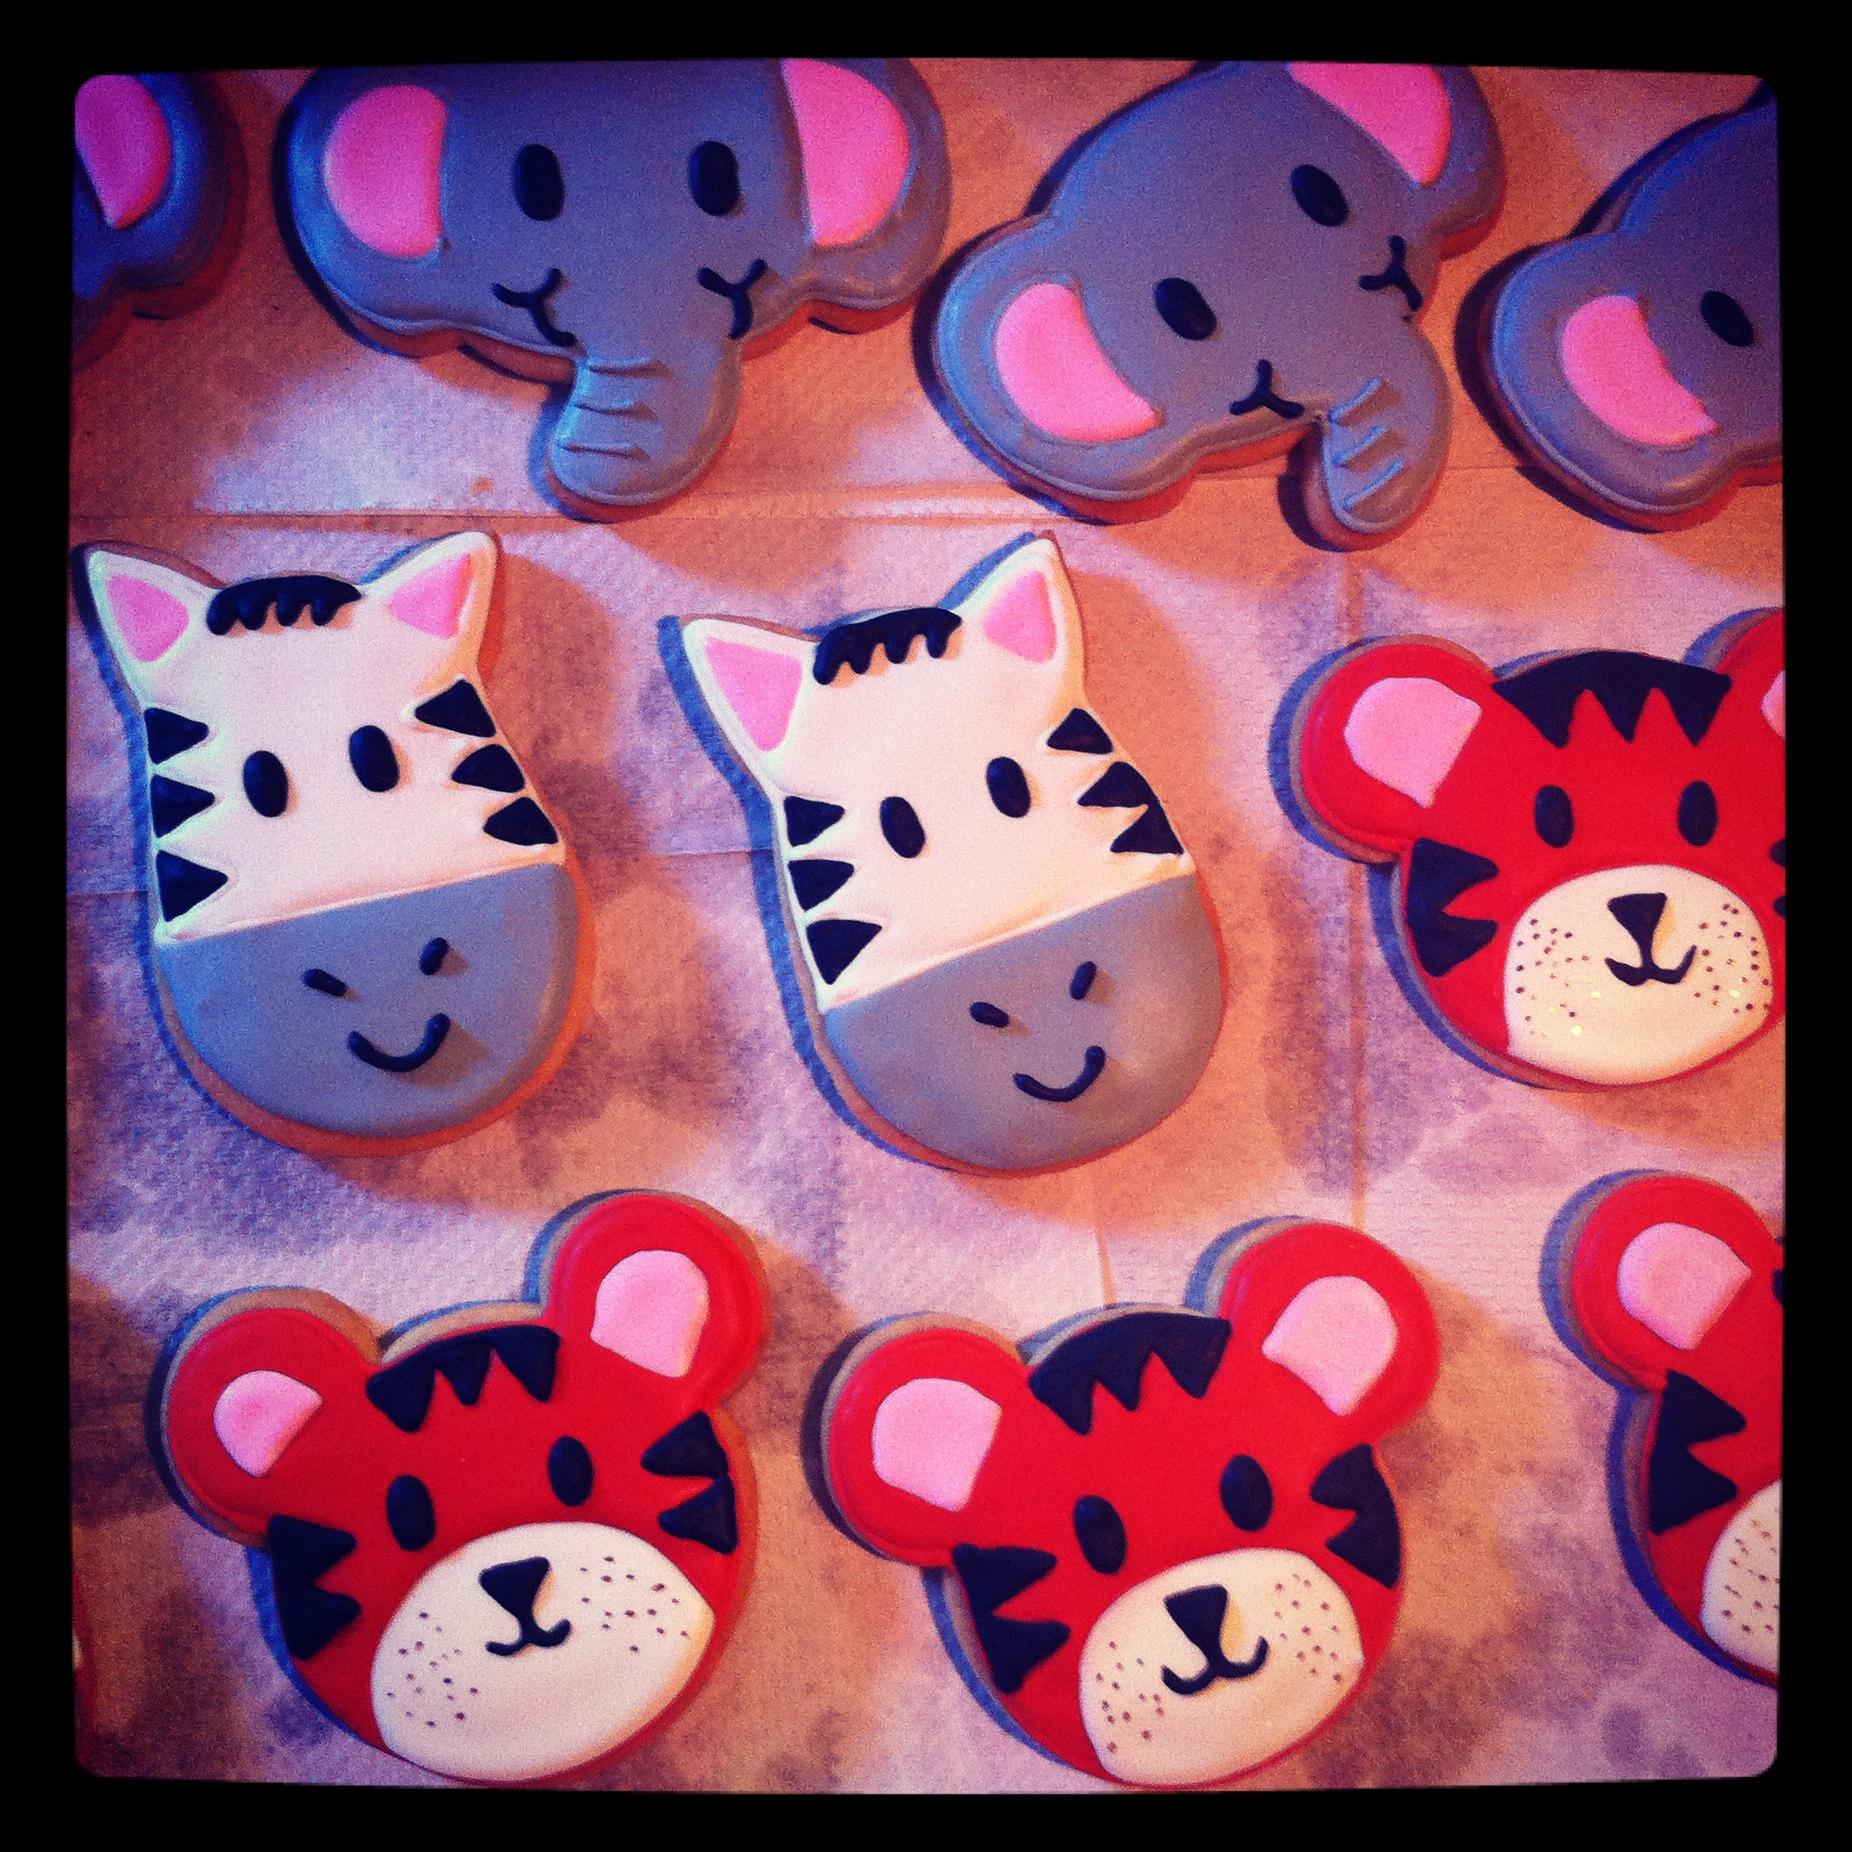 Safari Theme Cookies